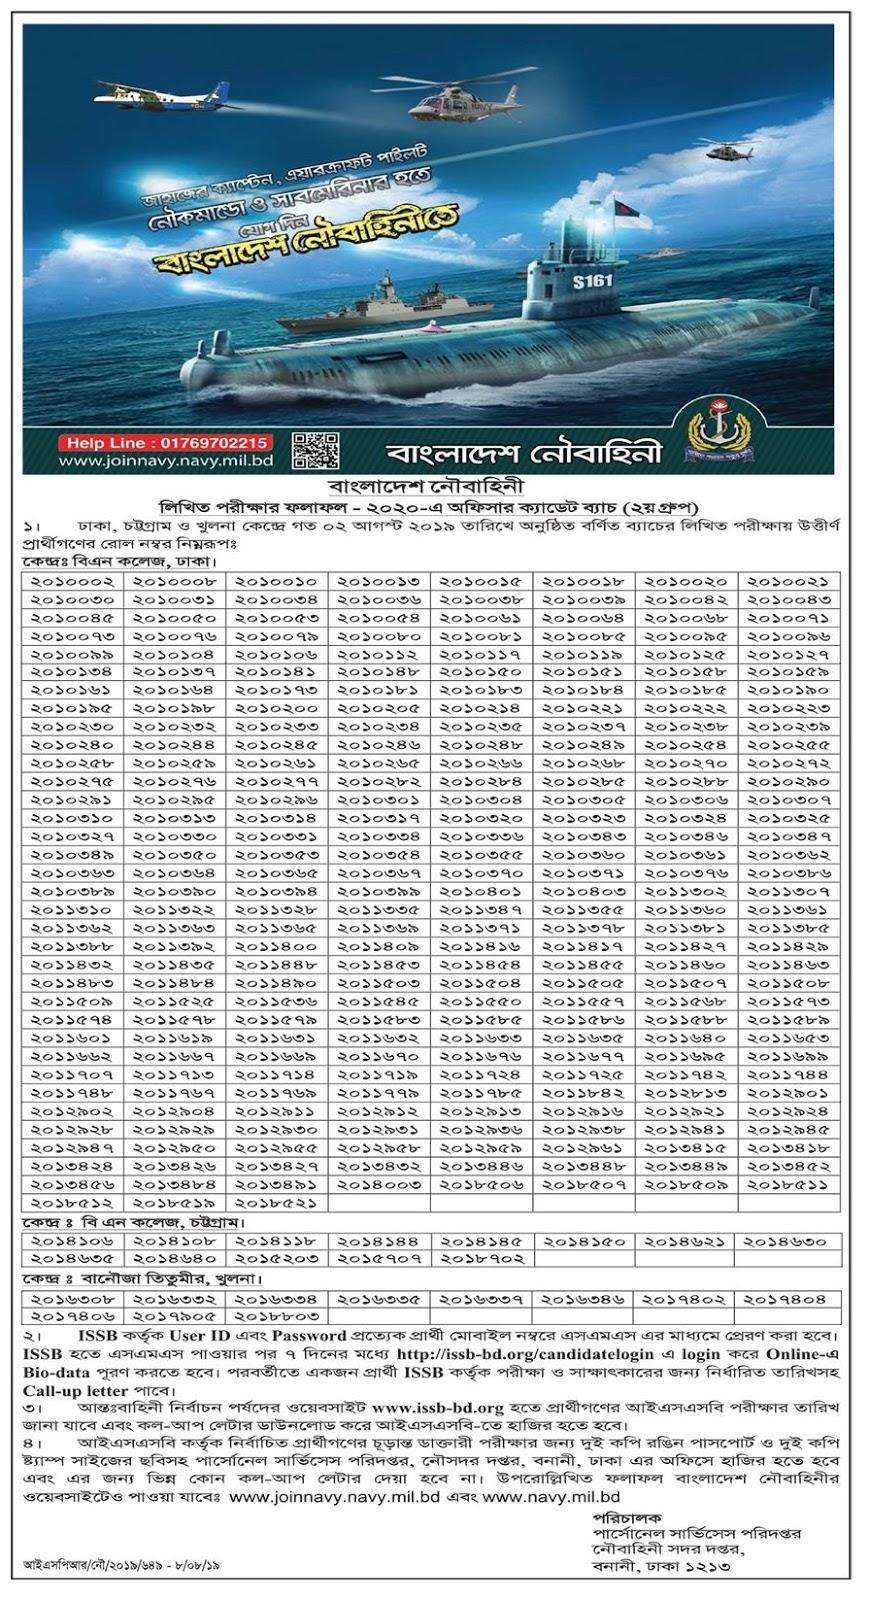 বাংলাদেশ নৌবাহিনীর লিখিত পরীক্ষার ফলাফল